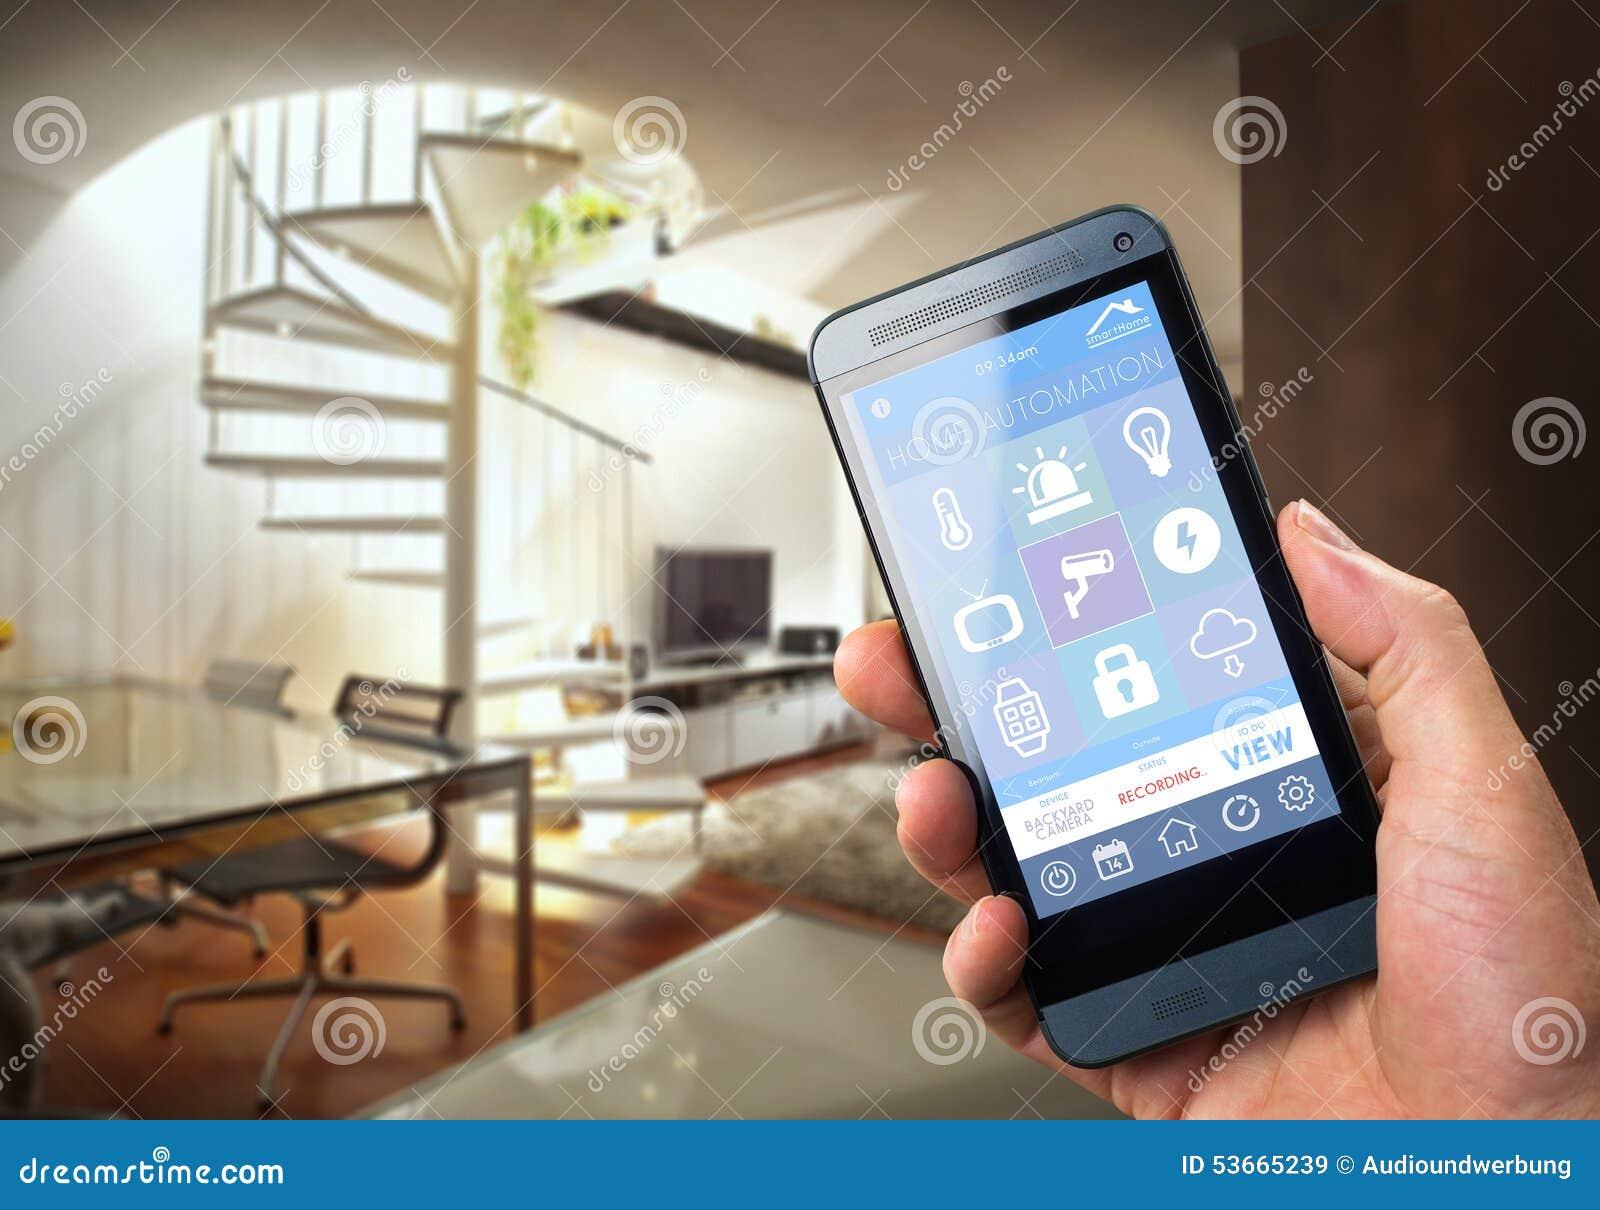 Mądrze Domowy przyrząd - Domowa kontrola